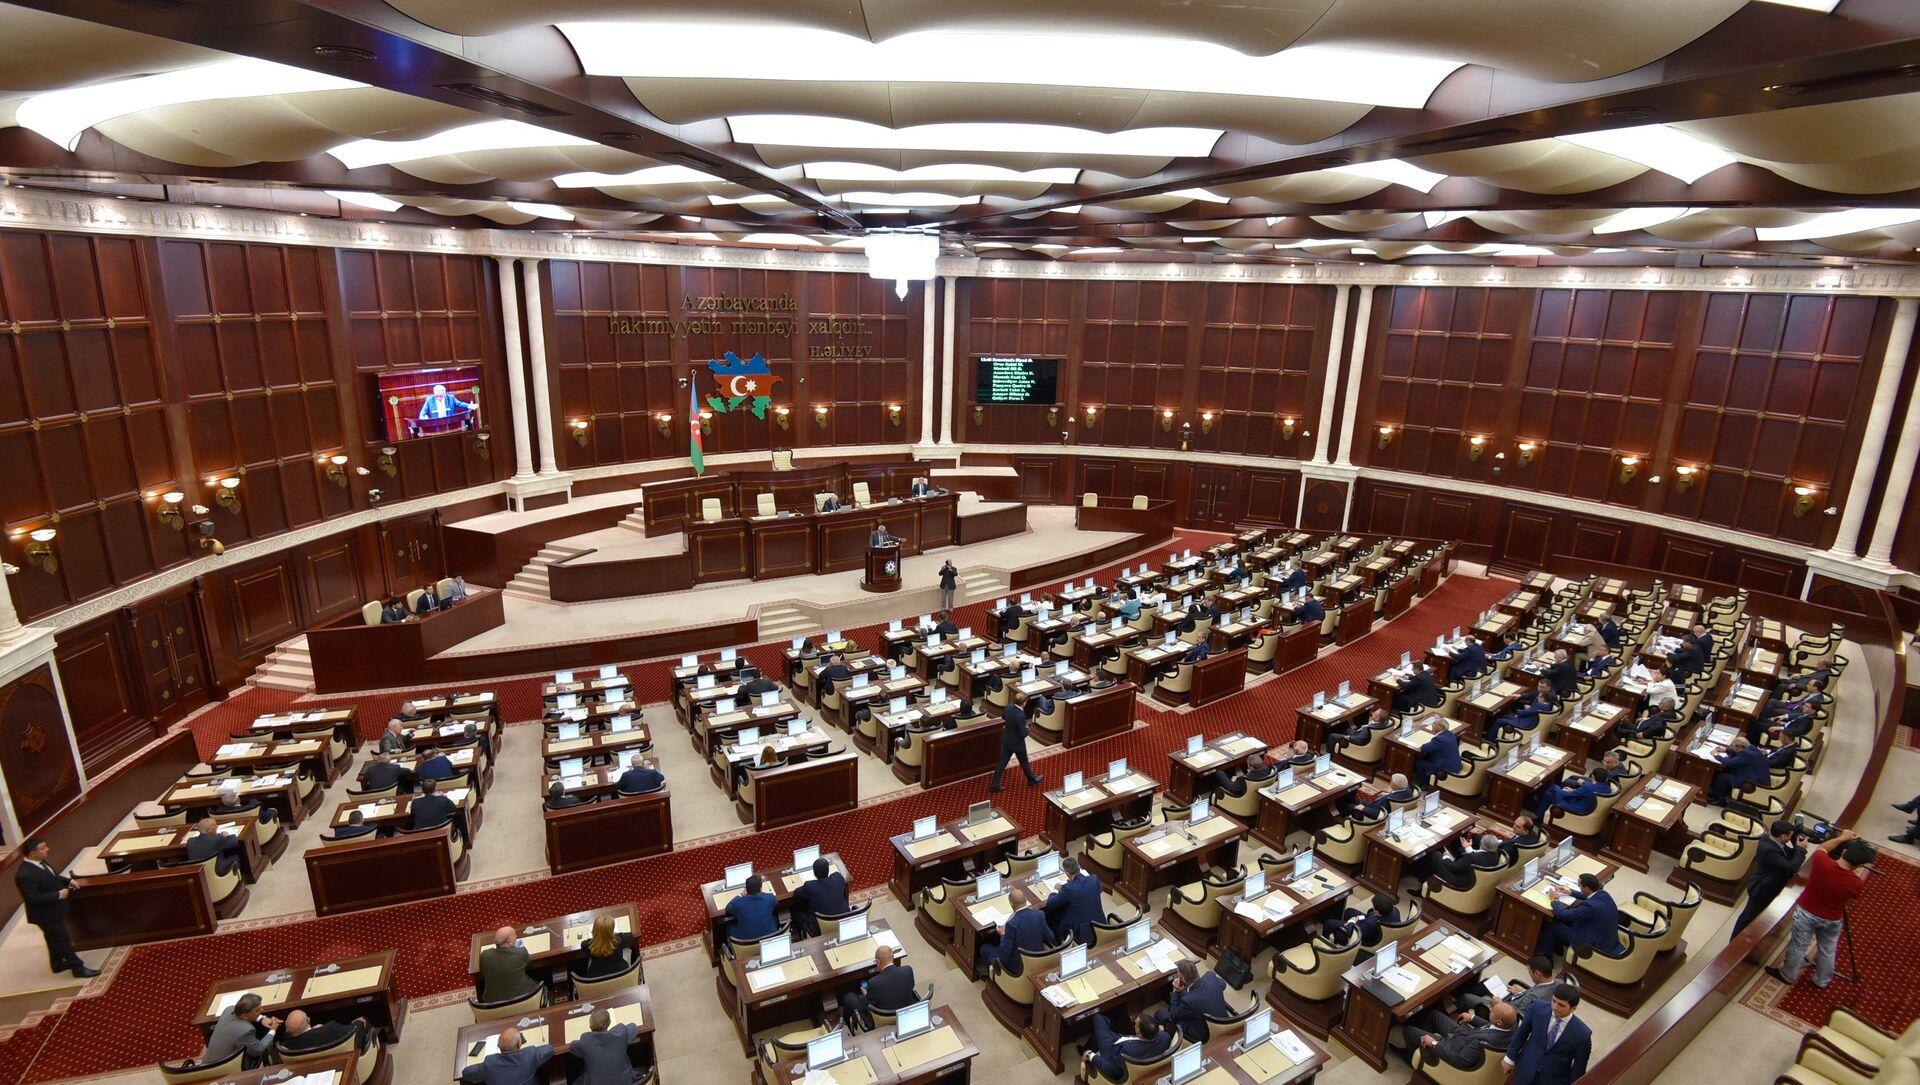 Заседание Милли Меджлиса (Парламента) Азербайджана - Sputnik Армения, 1920, 31.07.2021